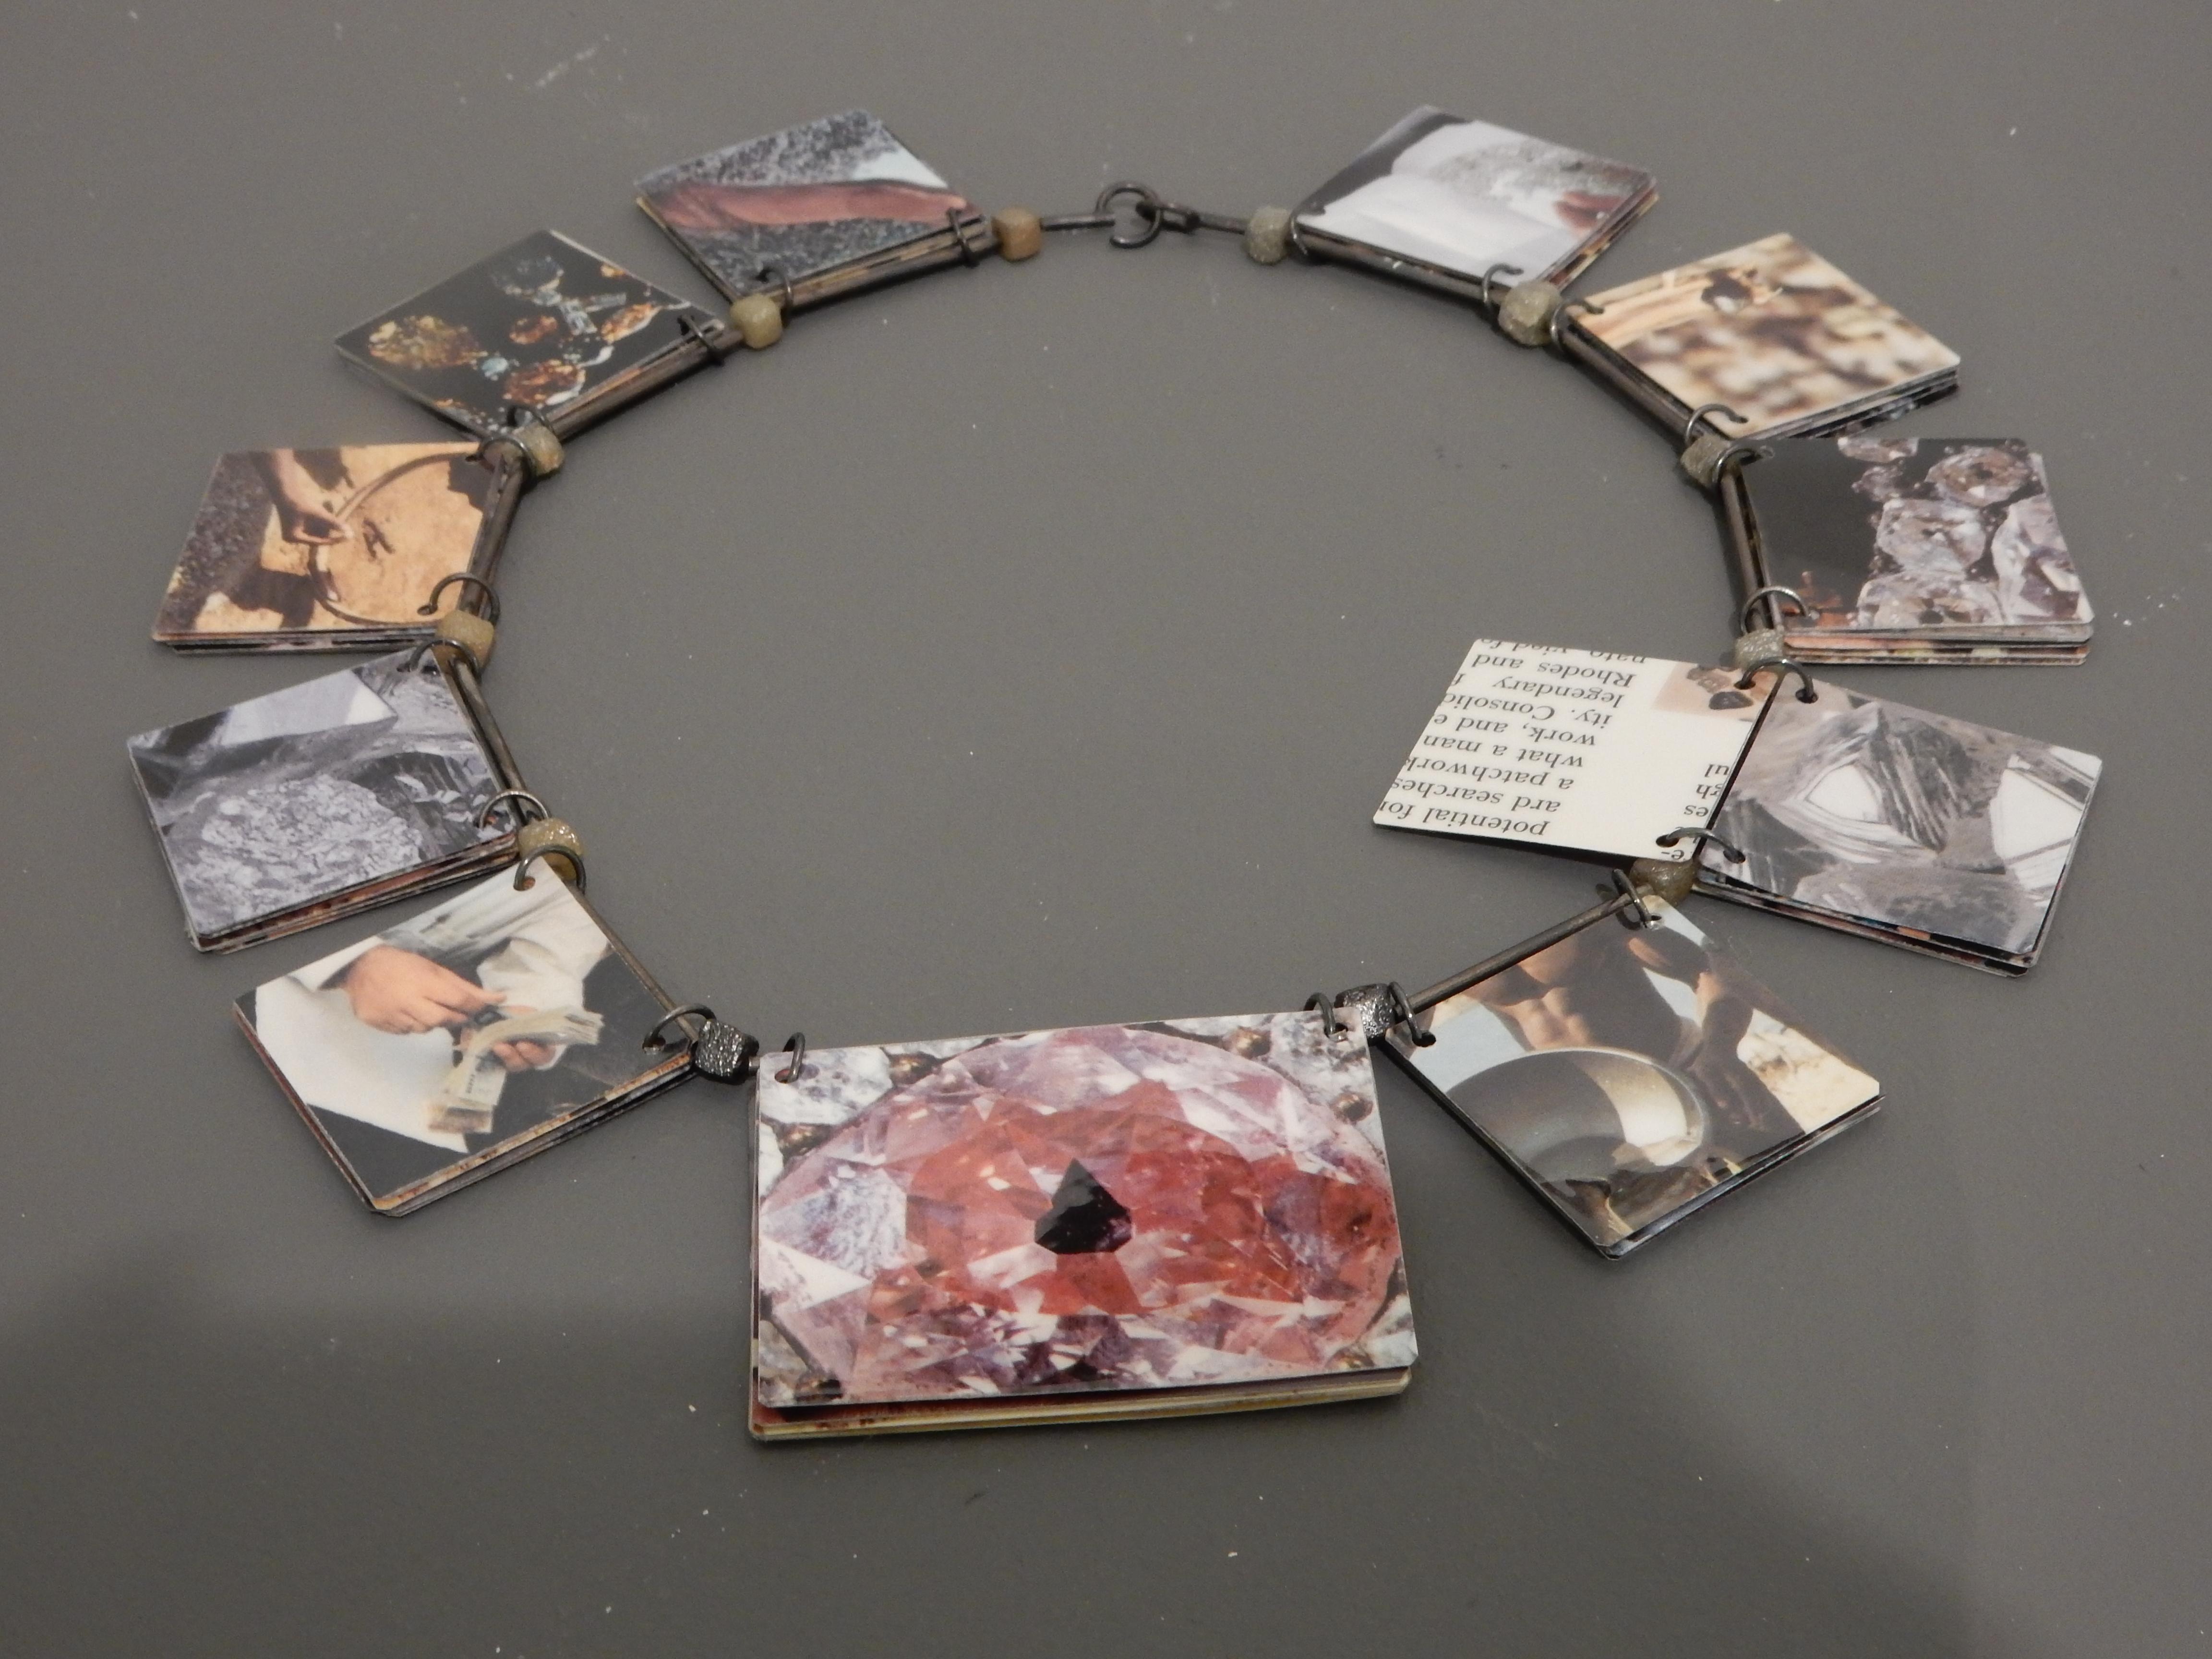 Herman Hermsen, Boekjescollier, 2003. Bloemlezing CODA Collectie, CODA, 2018, metaal